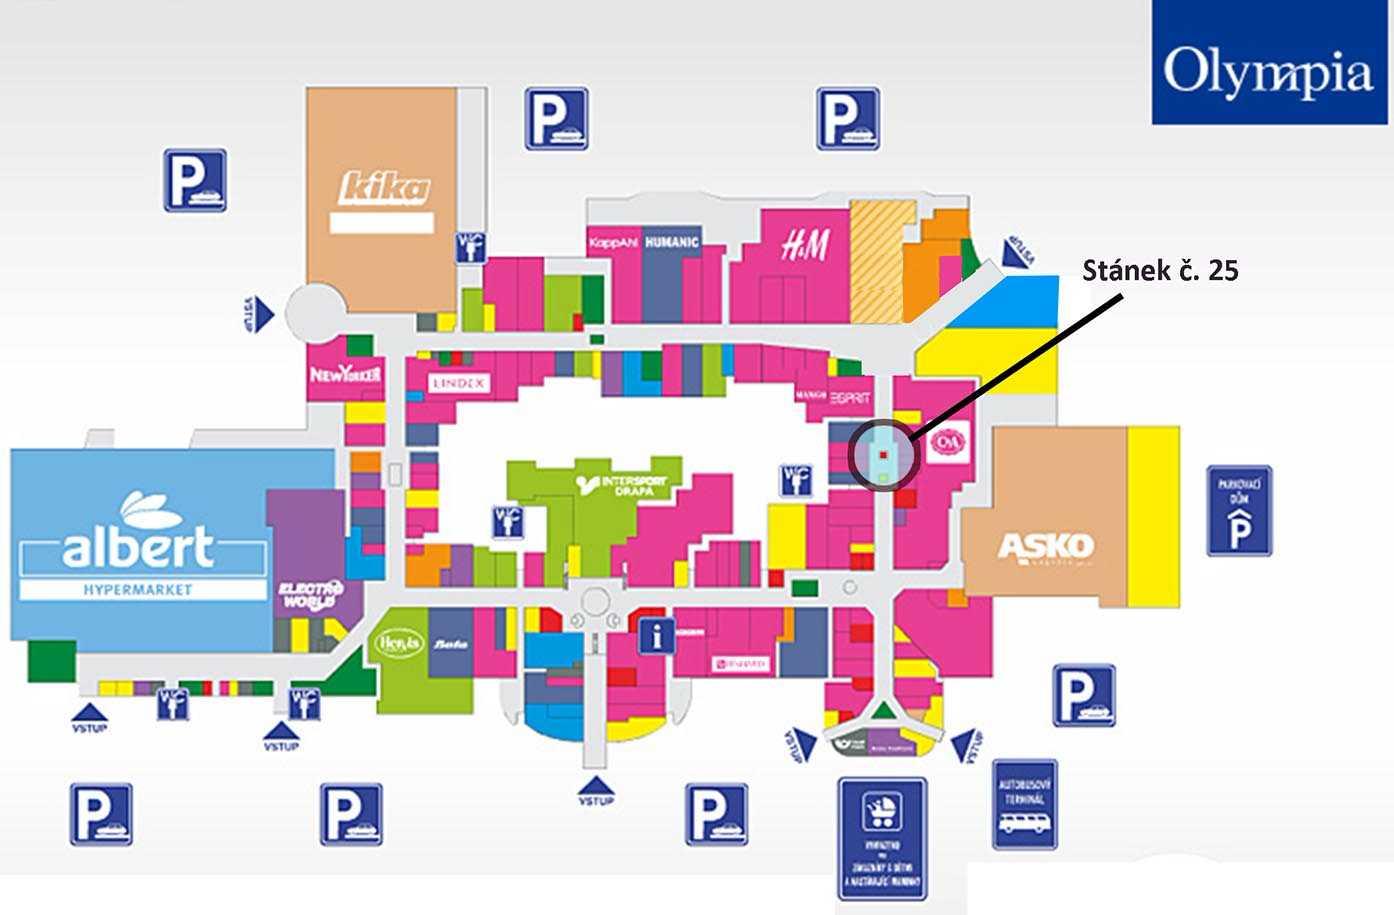 Plán obchodního centra Olympia